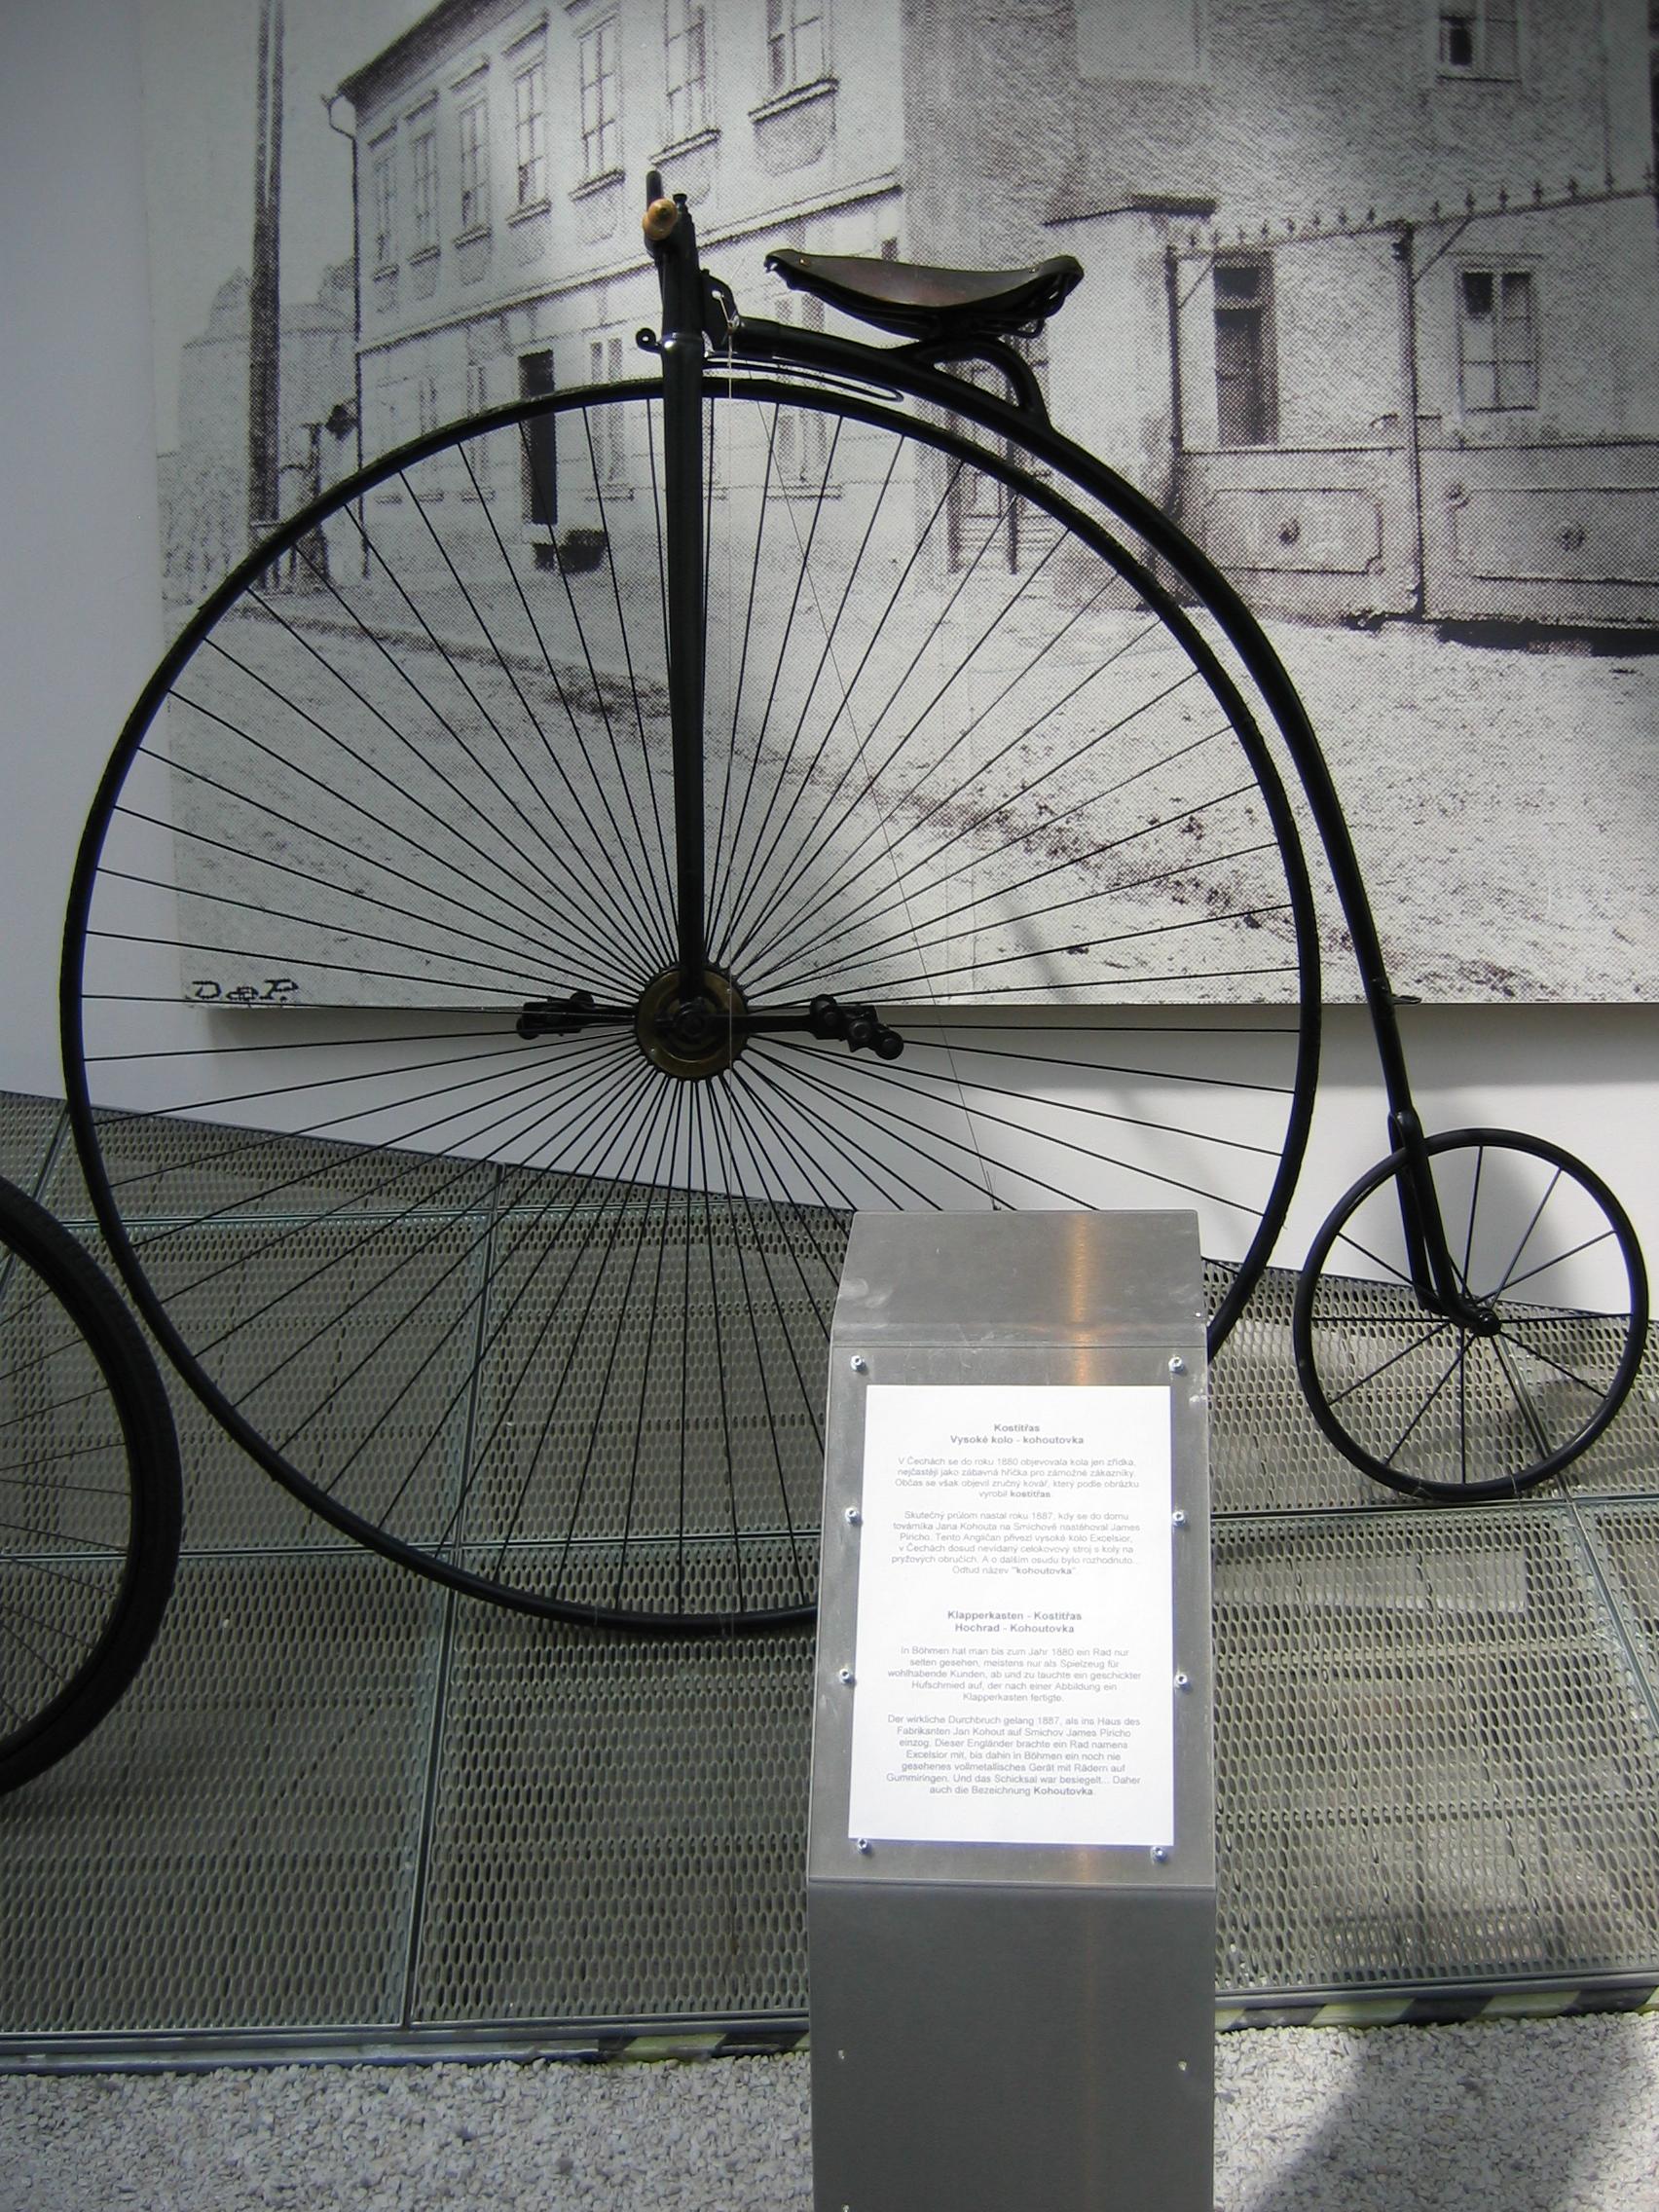 Skoda-museum-mlada-boleslav-rr-029.jpg